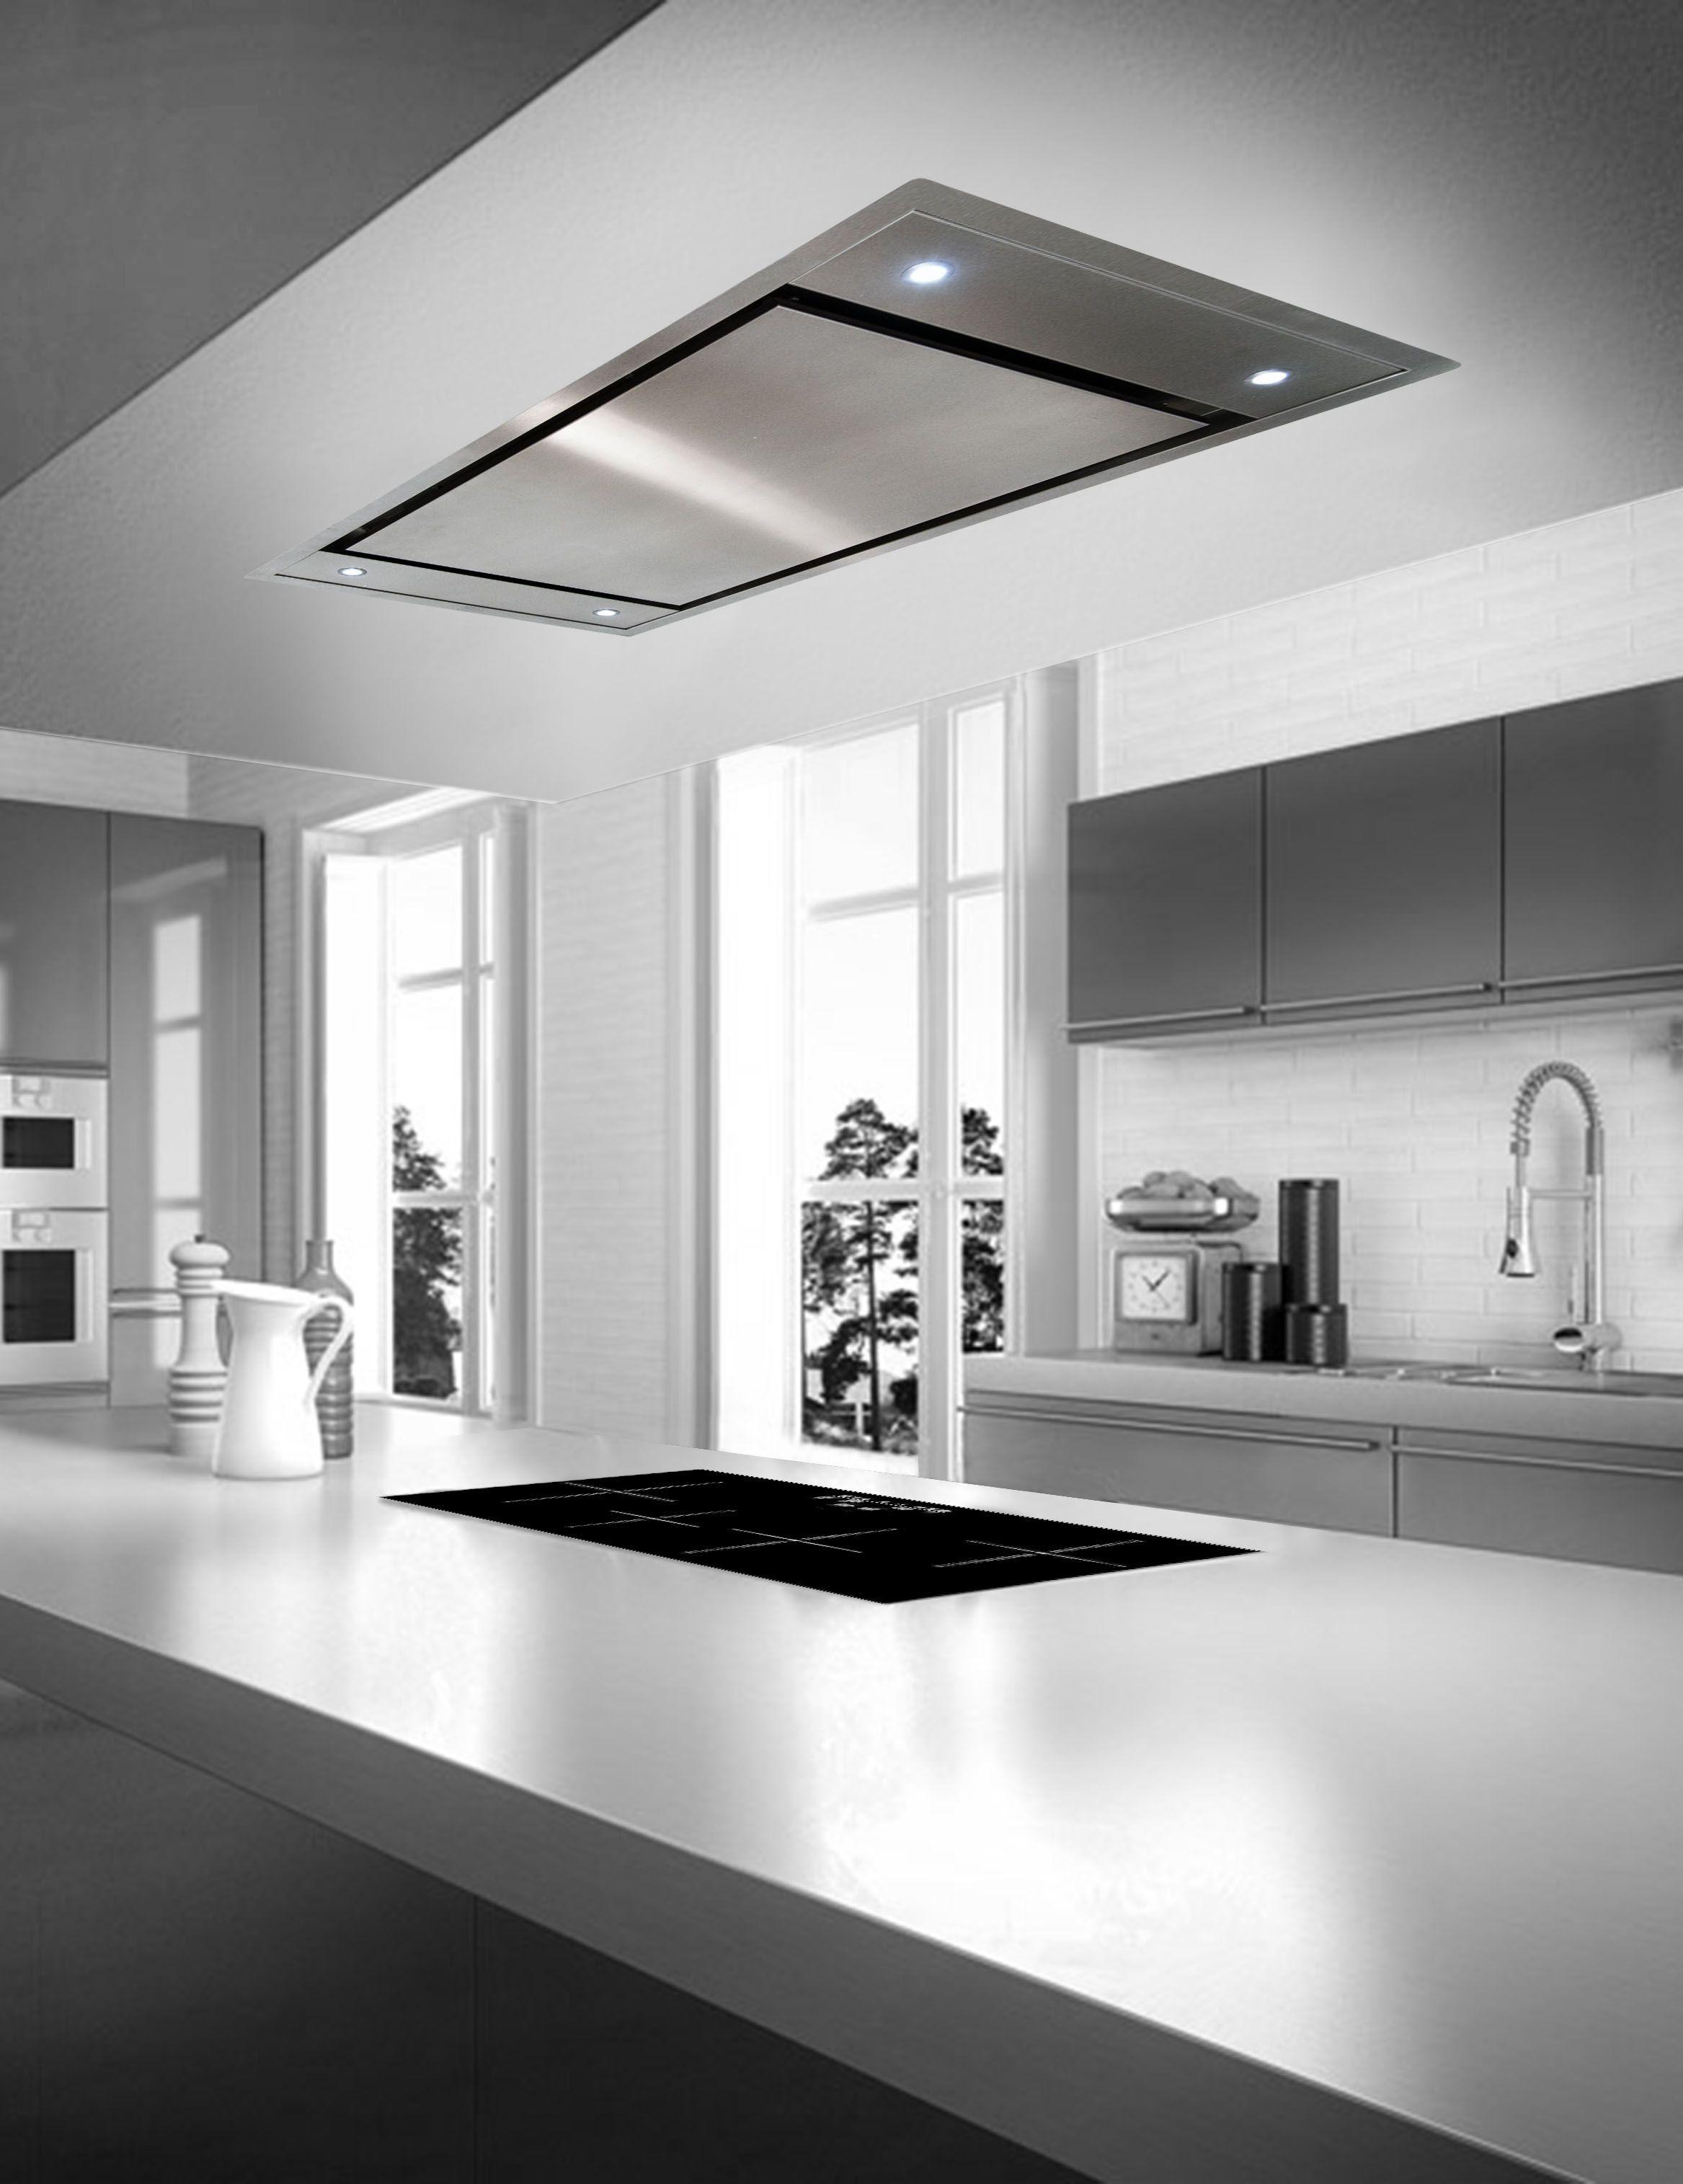 kitchen island exhaust fans hoods compost bucket » zefiro ce120 'flush-mount' ceiling ...